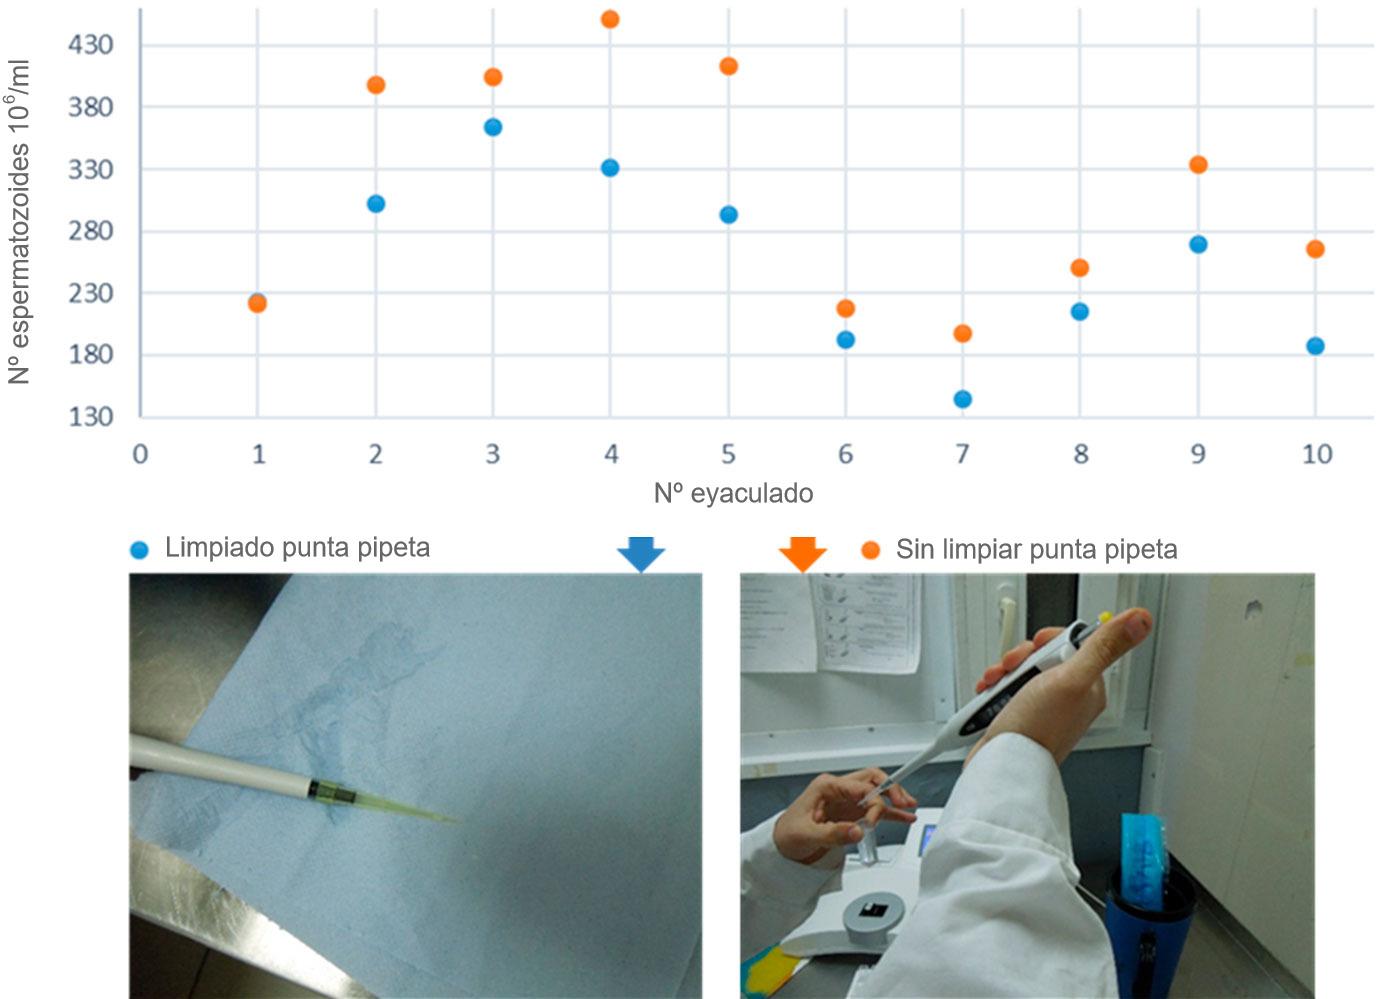 Figura 3. Comparación de la concentración espermática cuando se limpia el semen adherido a las paredes de la punta de la pipeta y cuándo no.